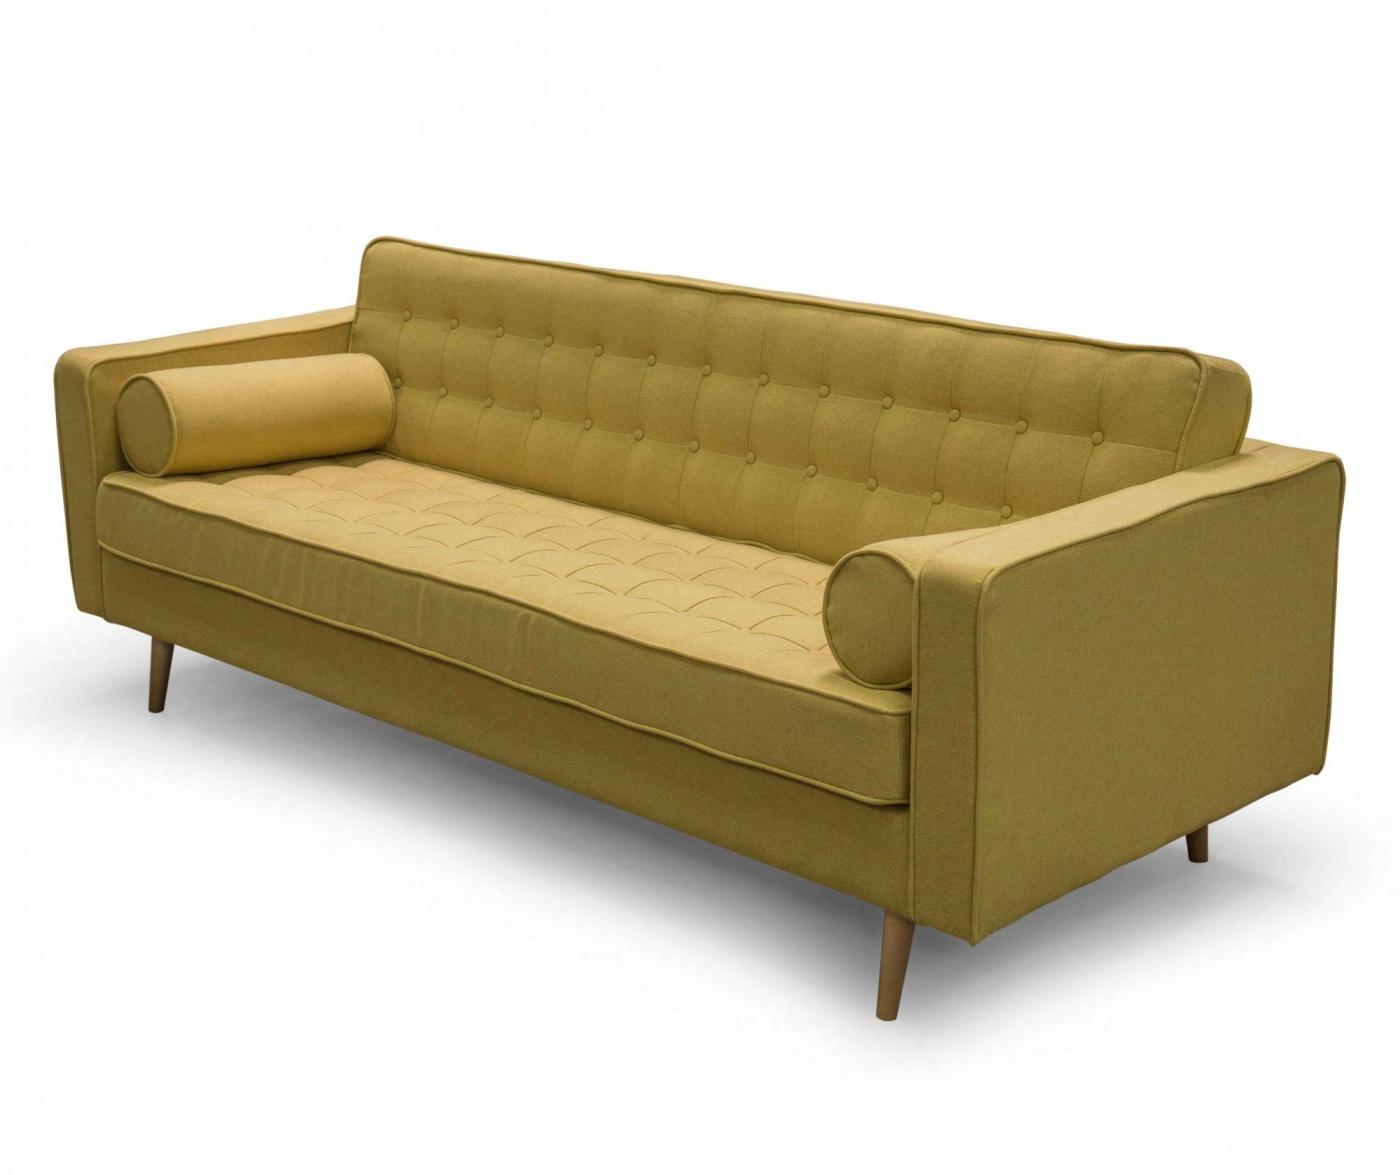 Kauč trosjed Rondo Emery Mustard